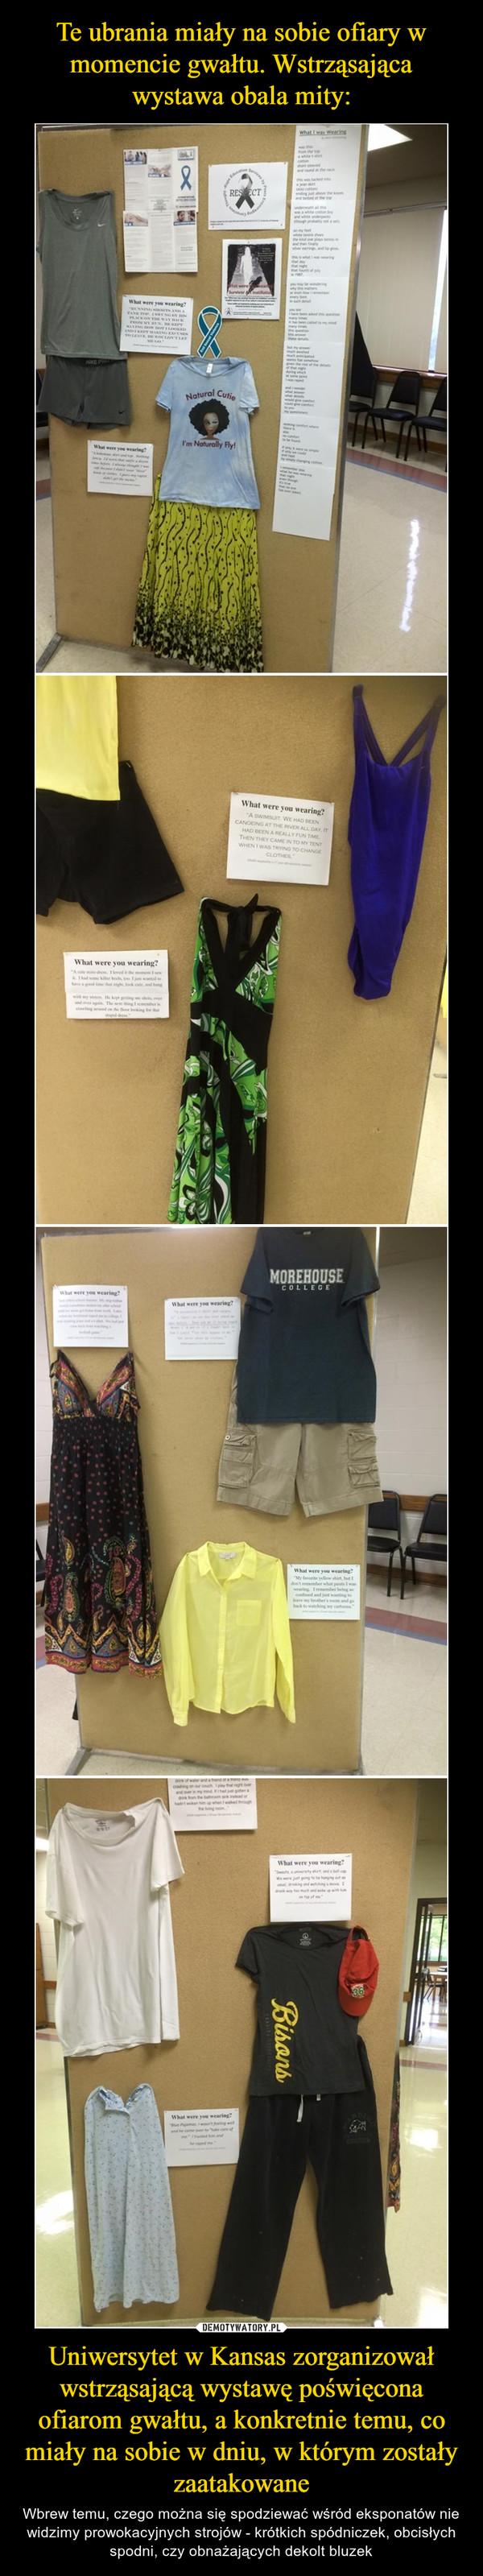 Uniwersytet w Kansas zorganizował wstrząsającą wystawę poświęcona ofiarom gwałtu, a konkretnie temu, co miały na sobie w dniu, w którym zostały zaatakowane – Wbrew temu, czego można się spodziewać wśród eksponatów nie widzimy prowokacyjnych strojów - krótkich spódniczek, obcisłych spodni, czy obnażających dekolt bluzek